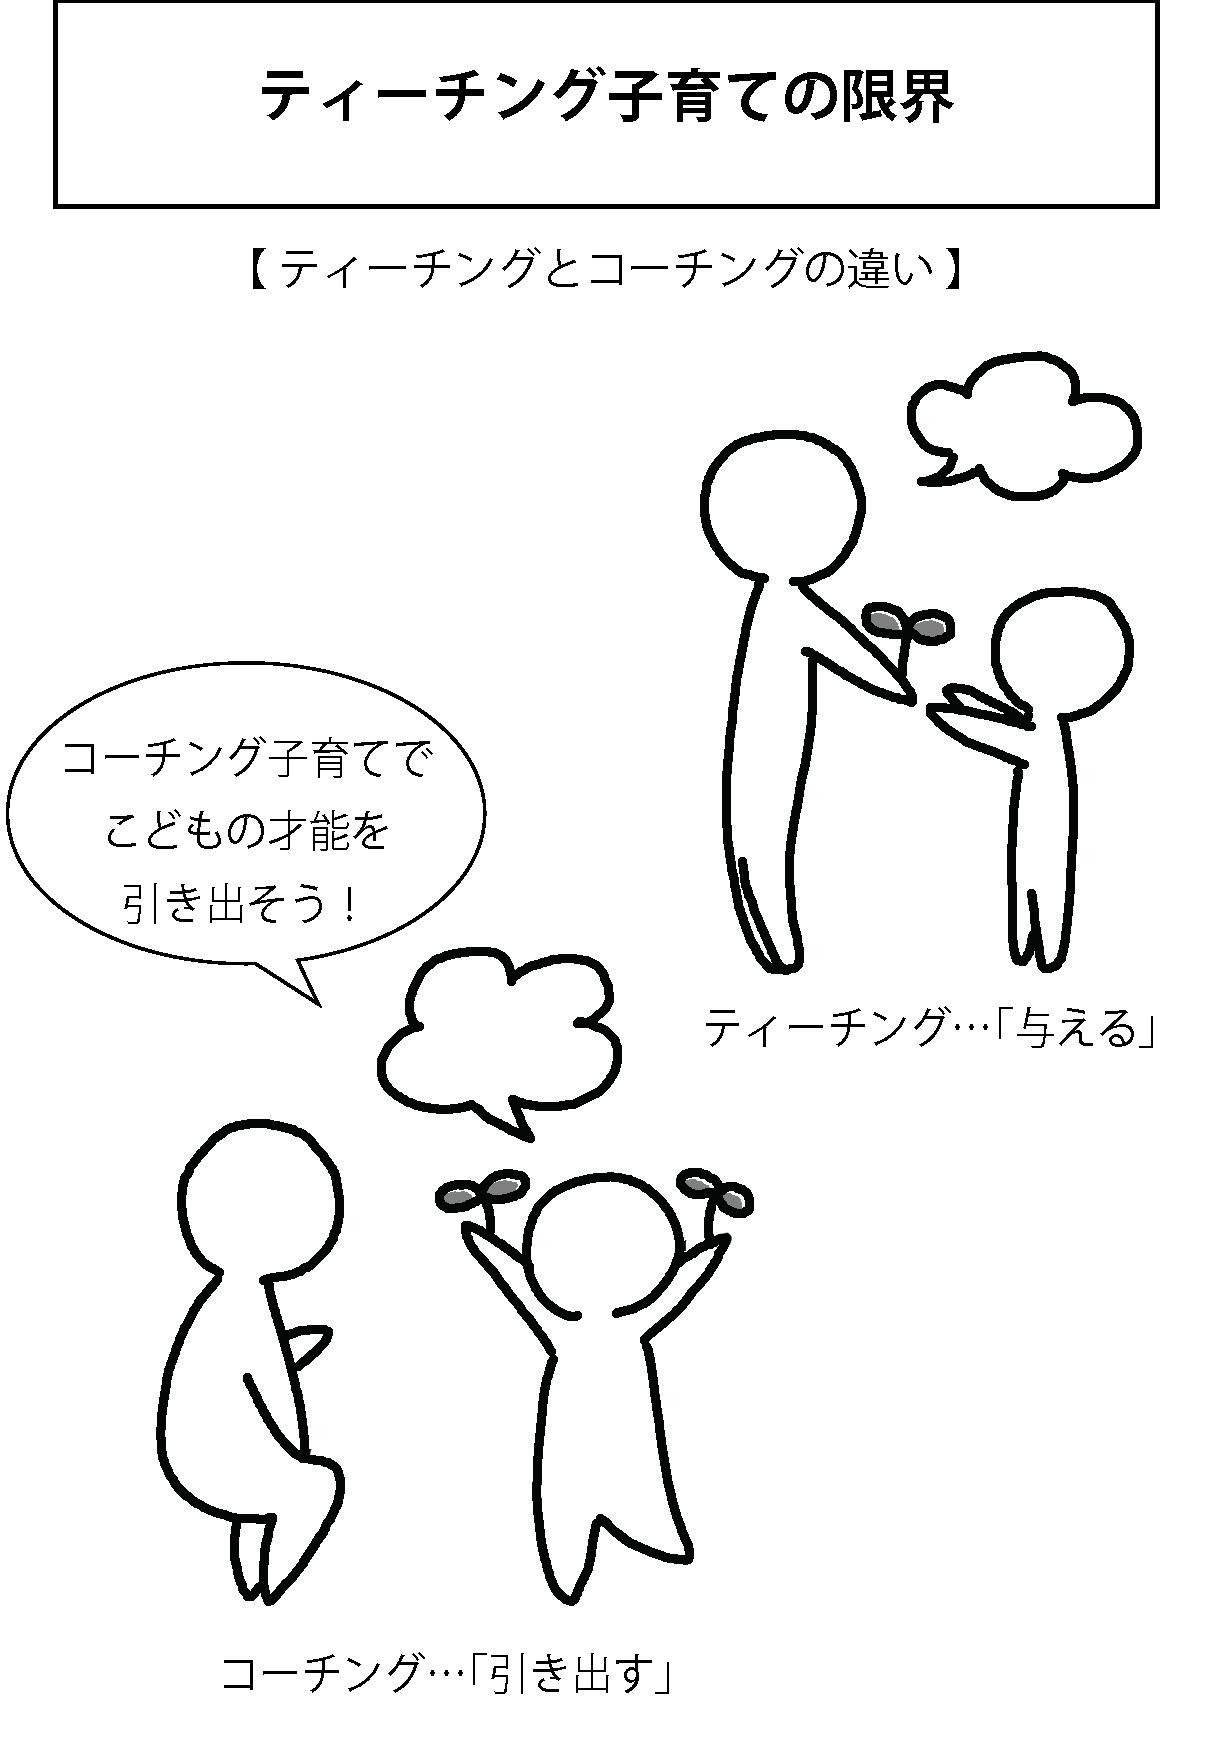 才能を伸ばす人が使っているコミュニケーション術